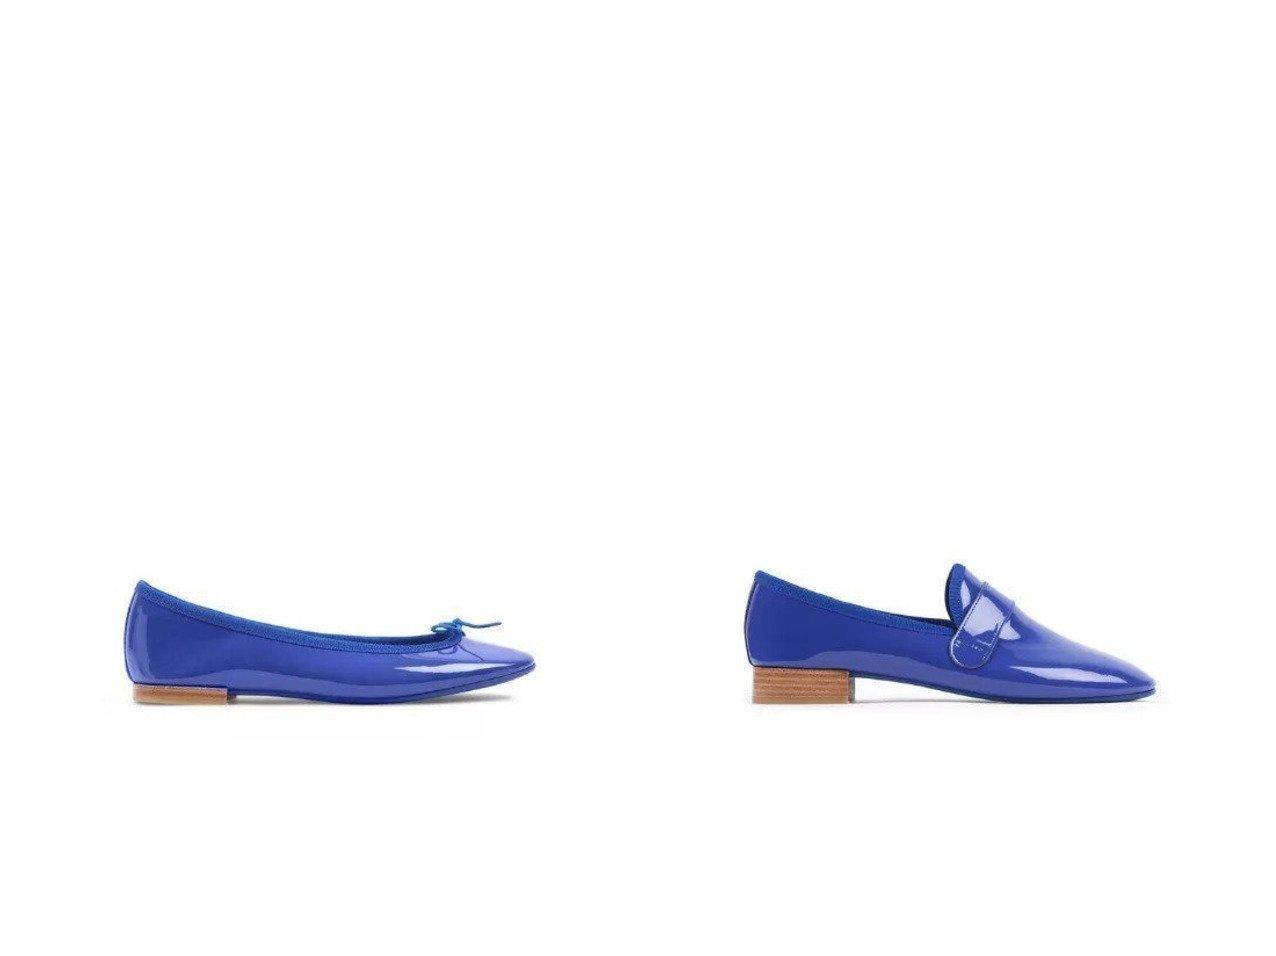 【repetto/レペット】のMaestro Loafers&Lili Ballerinas シューズ・靴のおすすめ!人気、レディースファッションの通販  おすすめで人気のファッション通販商品 インテリア・家具・キッズファッション・メンズファッション・レディースファッション・服の通販 founy(ファニー) https://founy.com/ ファッション Fashion レディース WOMEN シューズ シンプル バレエ フラット リボン スタイリッシュ ベーシック |ID:crp329100000004116